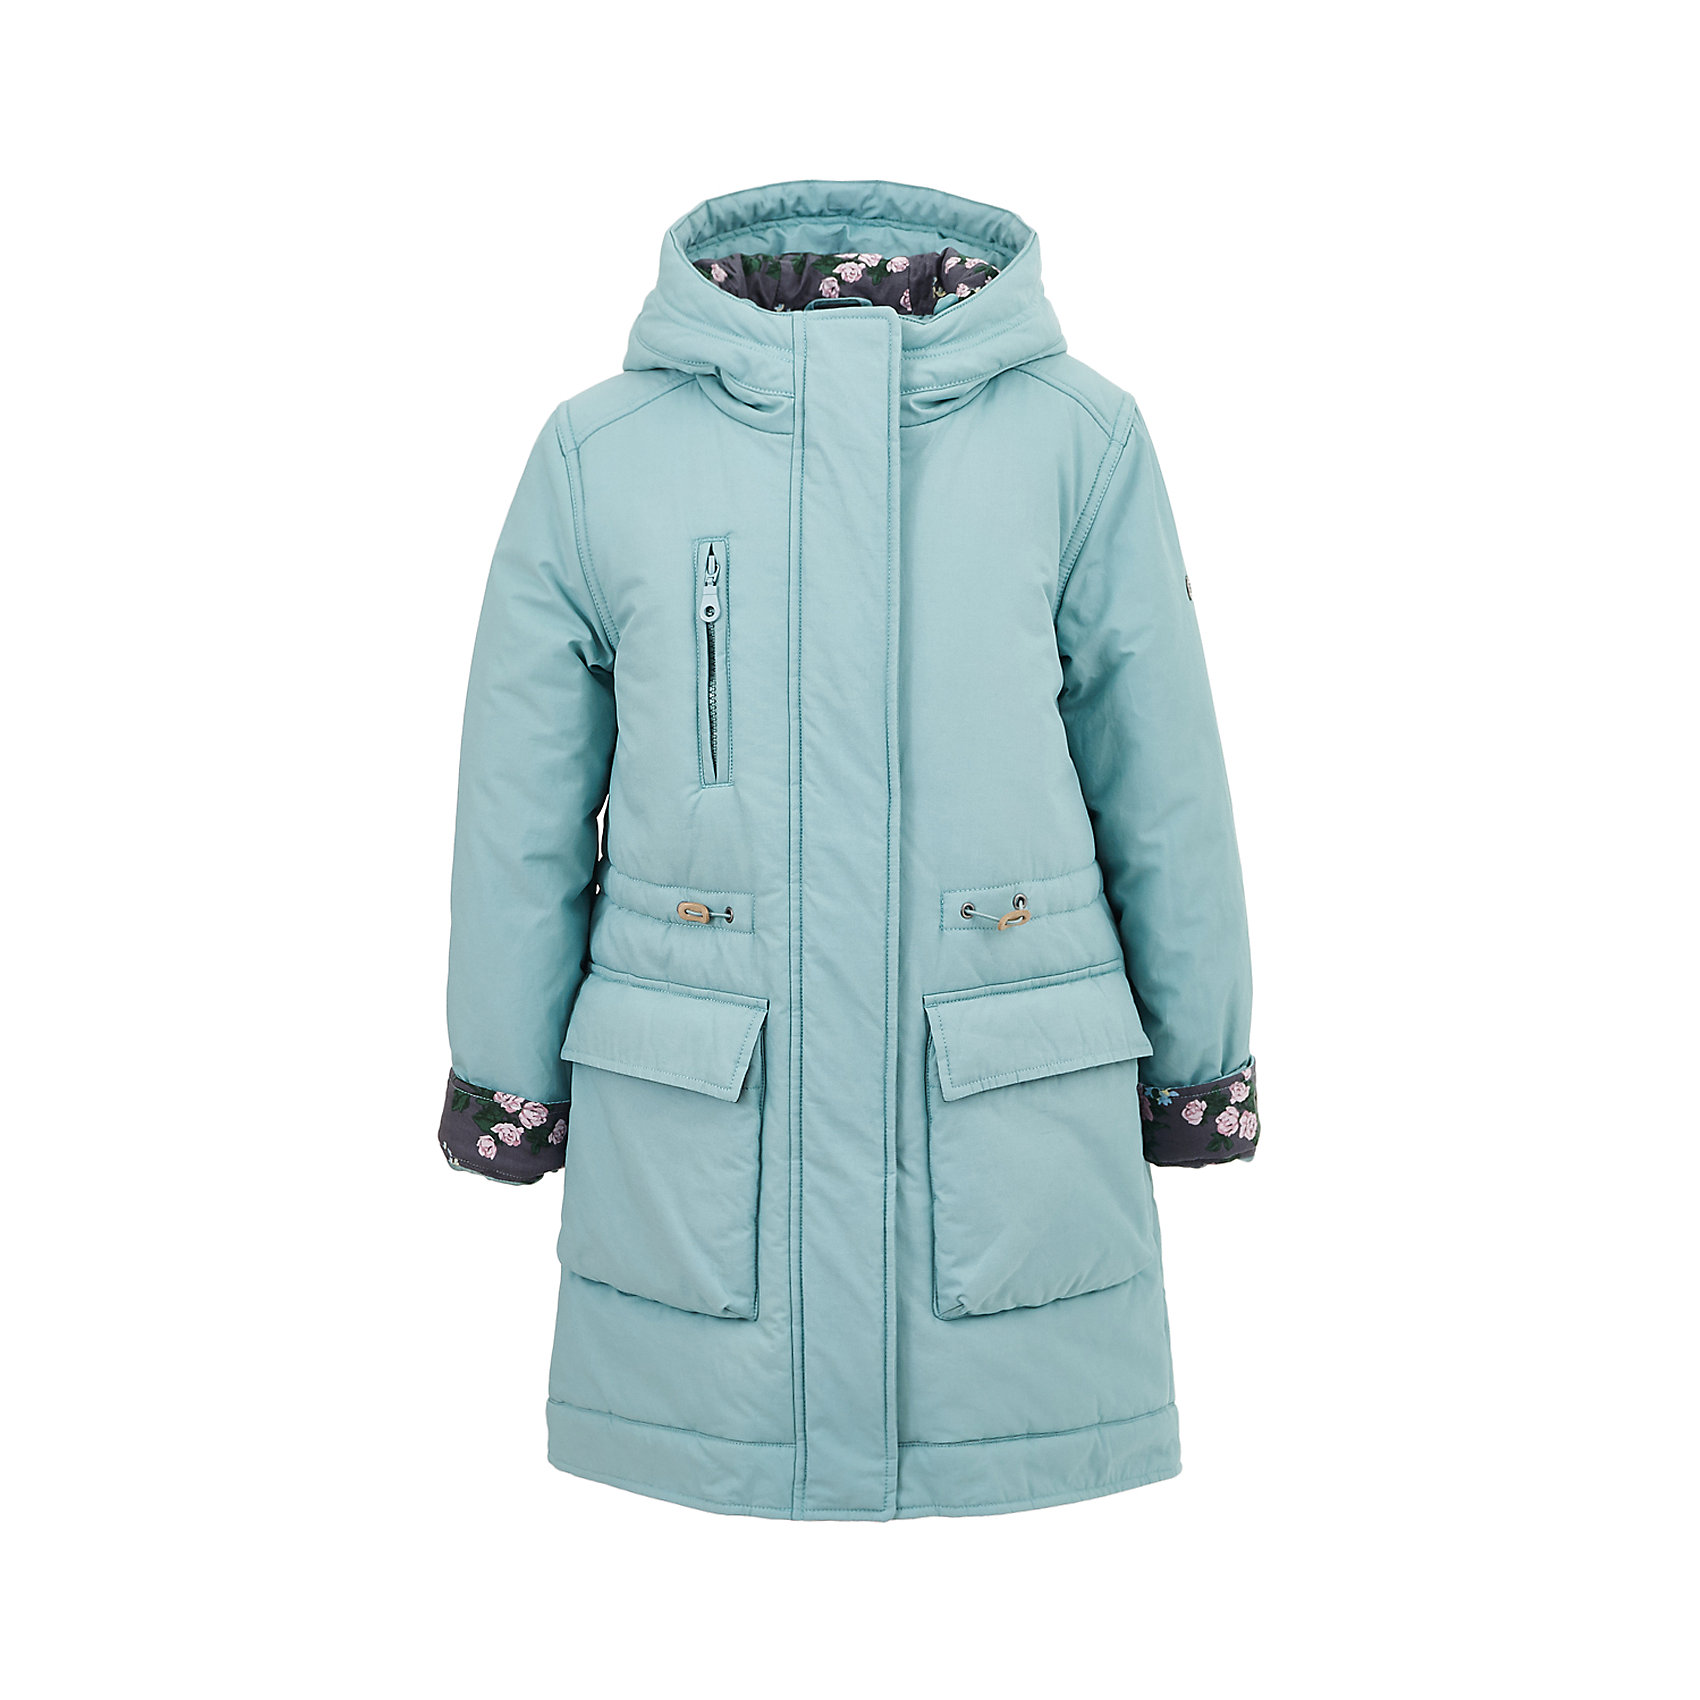 Полупальто BUTTON BLUE для девочкиВерхняя одежда<br>Полупальто BUTTON BLUE для девочки<br>Стильное полупальто для девочек - залог хорошего настроения в ненастный осенний день! Классное детское полупальто по оптимальной цене принесет удовольствие от покупки! К тому же, недорогое пальто - не значит скучное! Красивый цвет, модный силуэт, крупные функциональные детали обеспечивают пальто прекрасный внешний вид! Утяжка по линии талии создает надежную защиту от ветра. Если Вы хотите купить осеннее полупальто и не сомневаться в его качестве и комфорте, детское полупальто от Button Blue - отличный  вариант!<br>Состав:<br>60% хлопок 40% нейлон Подкладка: 100% хлопок/100% полиэстер  Утеплитель 100% полиэстер<br><br>Ширина мм: 356<br>Глубина мм: 10<br>Высота мм: 245<br>Вес г: 519<br>Цвет: голубой<br>Возраст от месяцев: 120<br>Возраст до месяцев: 132<br>Пол: Женский<br>Возраст: Детский<br>Размер: 146,98,104,110,116,122,128,134,140<br>SKU: 7037865